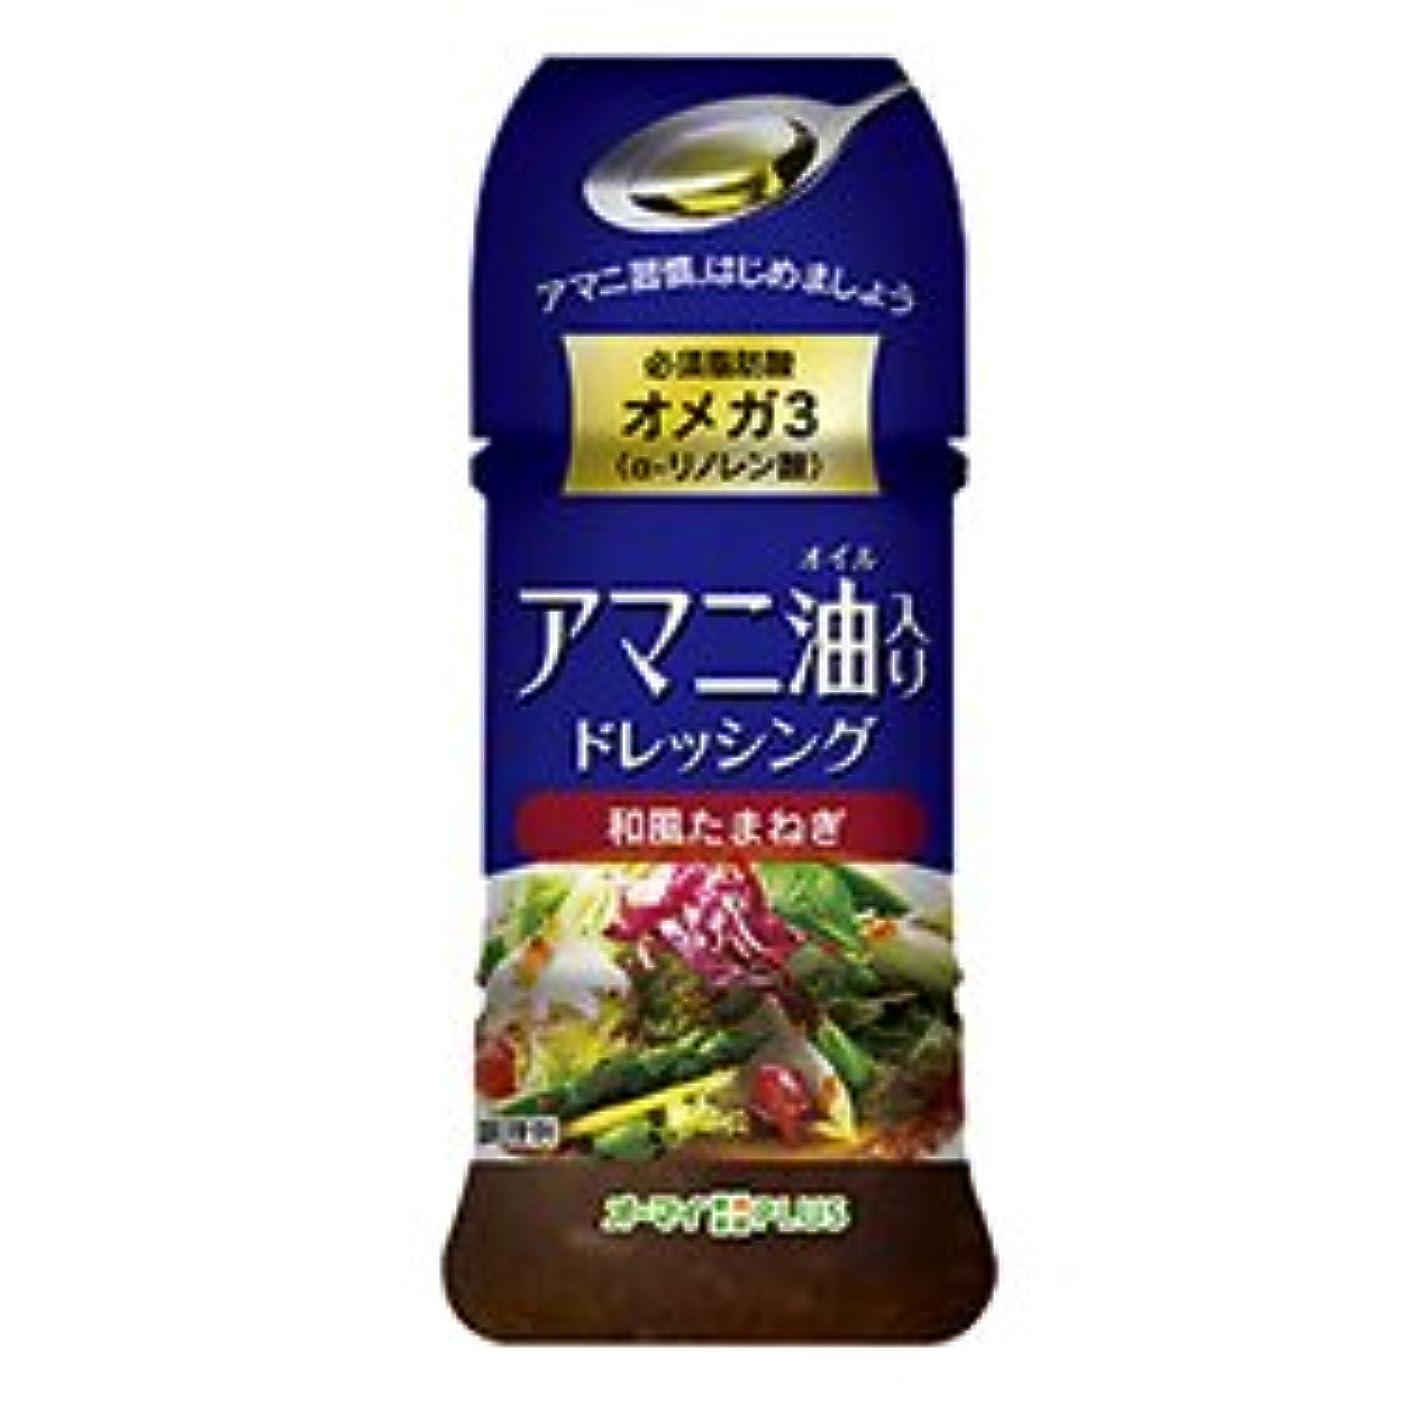 パノラマ在庫オズワルドアマニ油ドレッシング 和風たまねぎ【5本セット】日本製粉